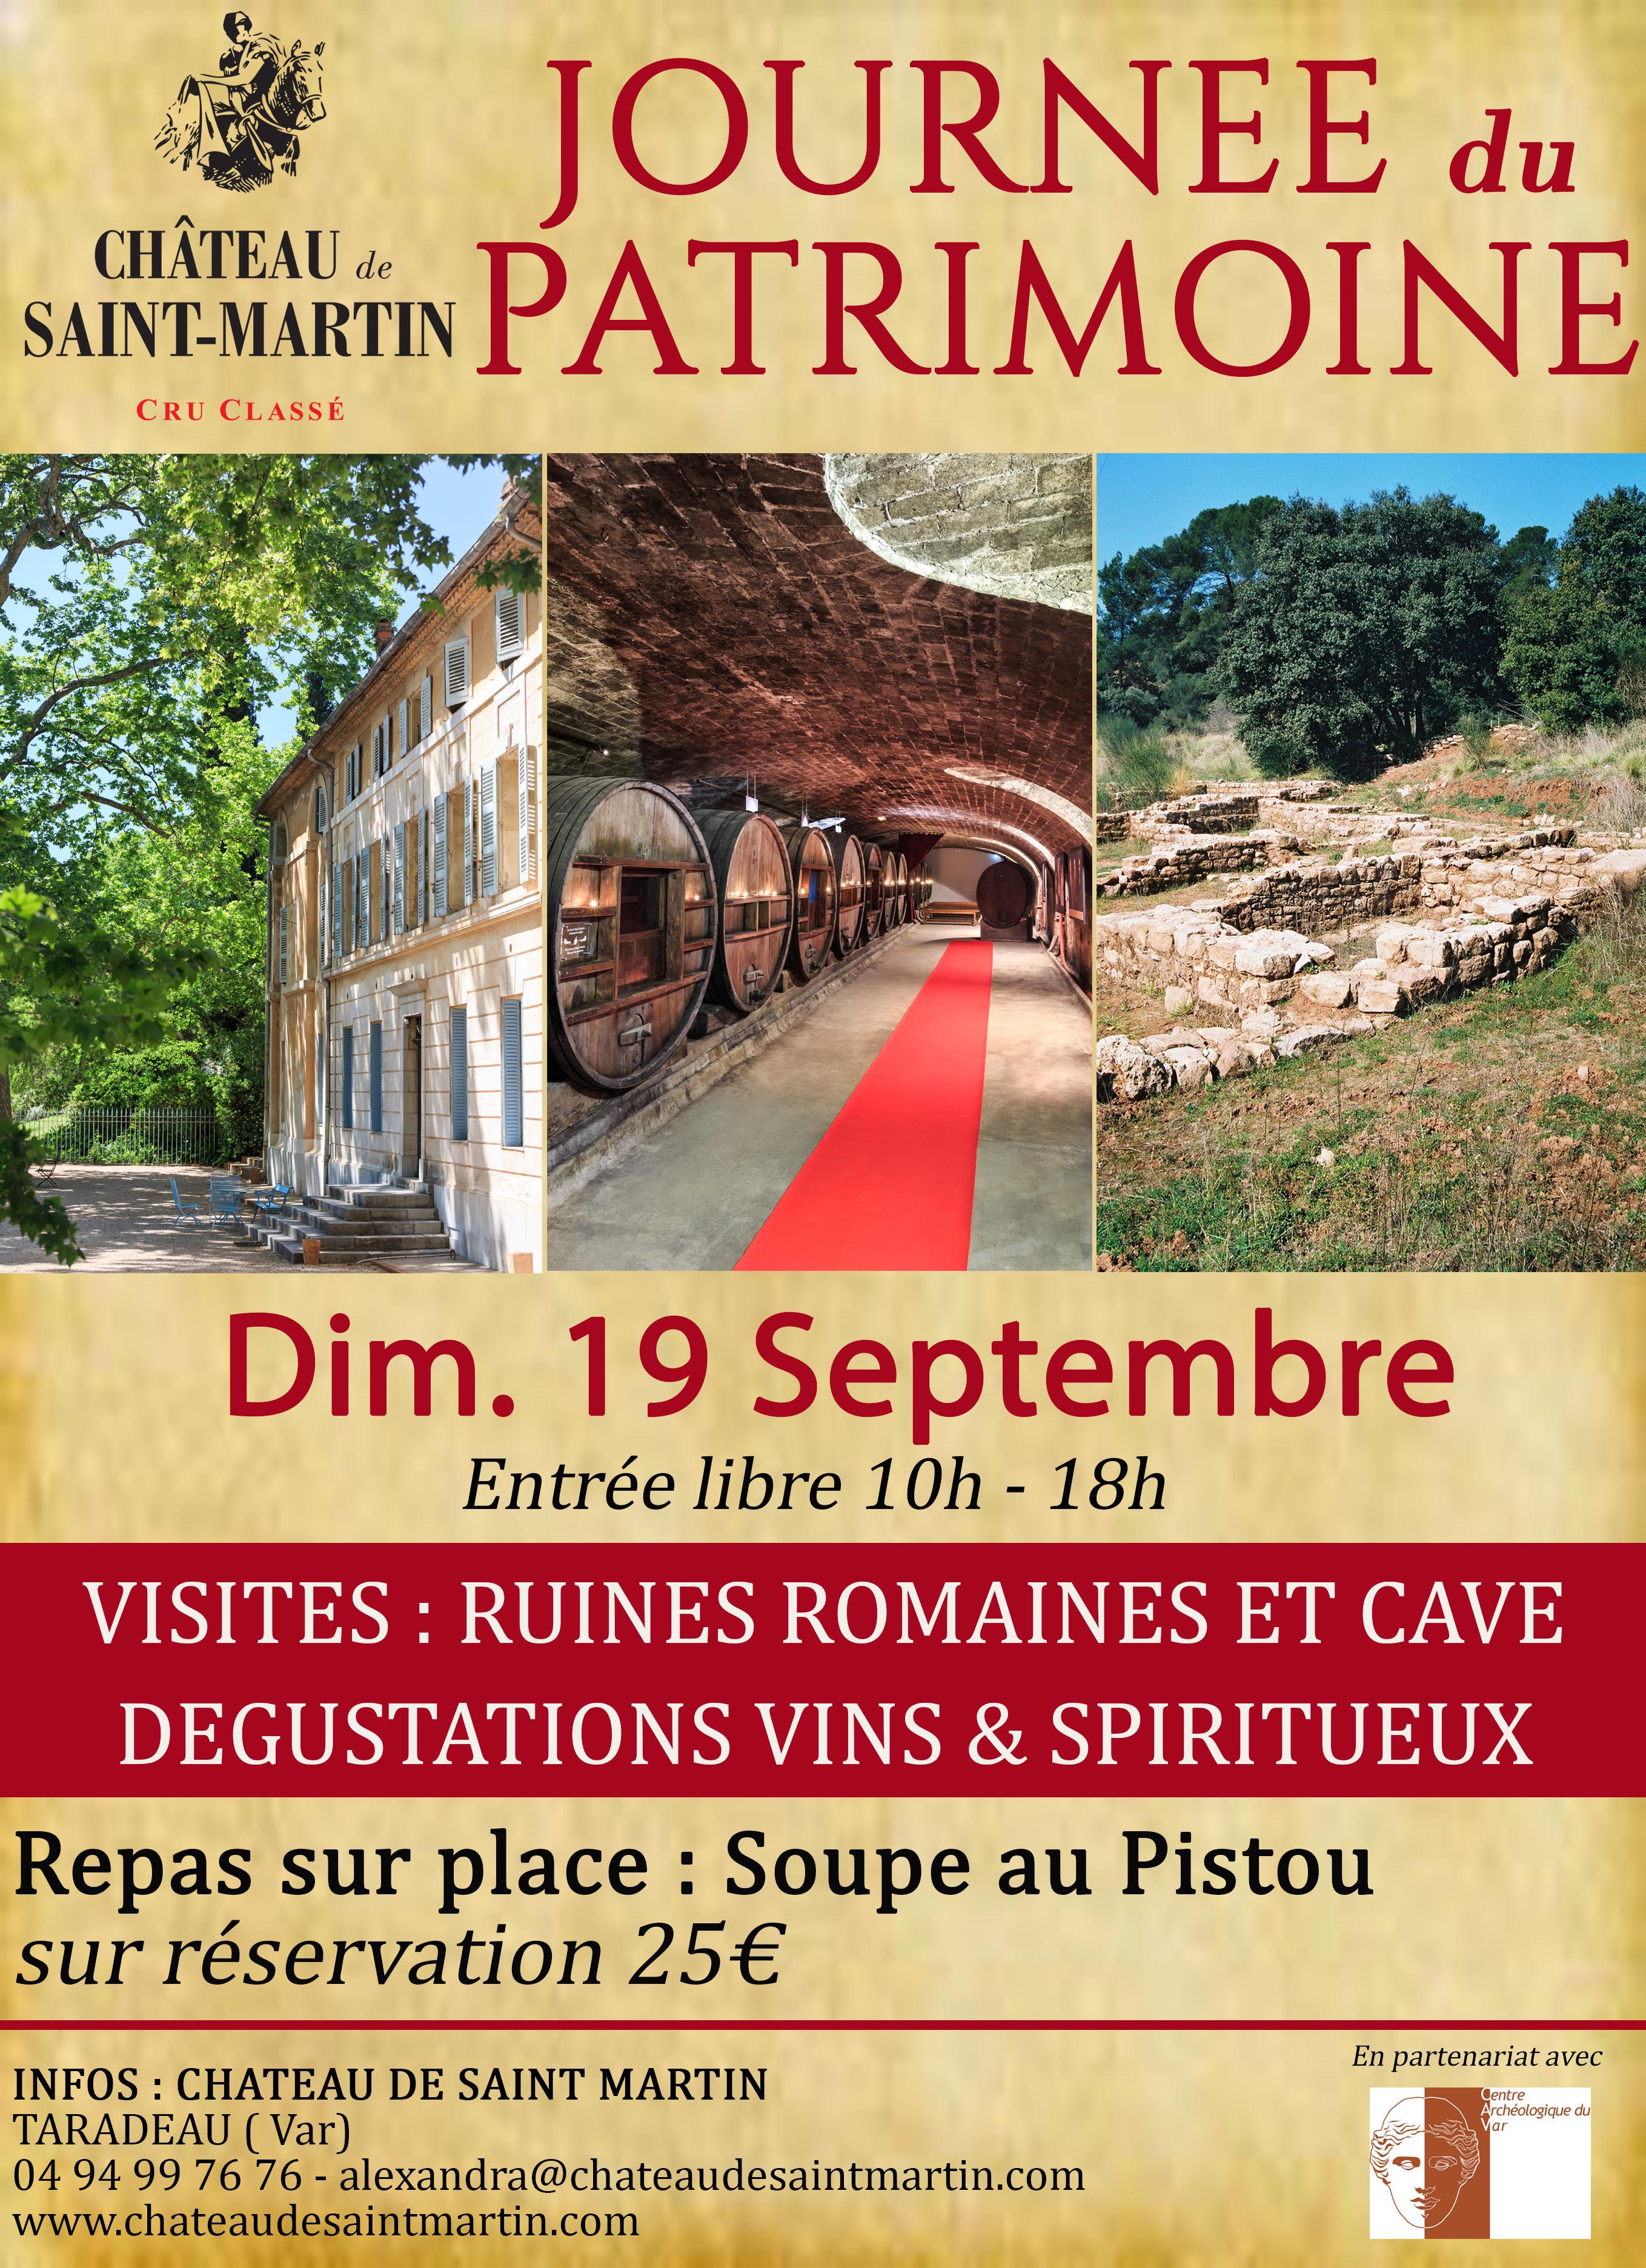 Journée du Patrimoine au Chateau de Saint Martin